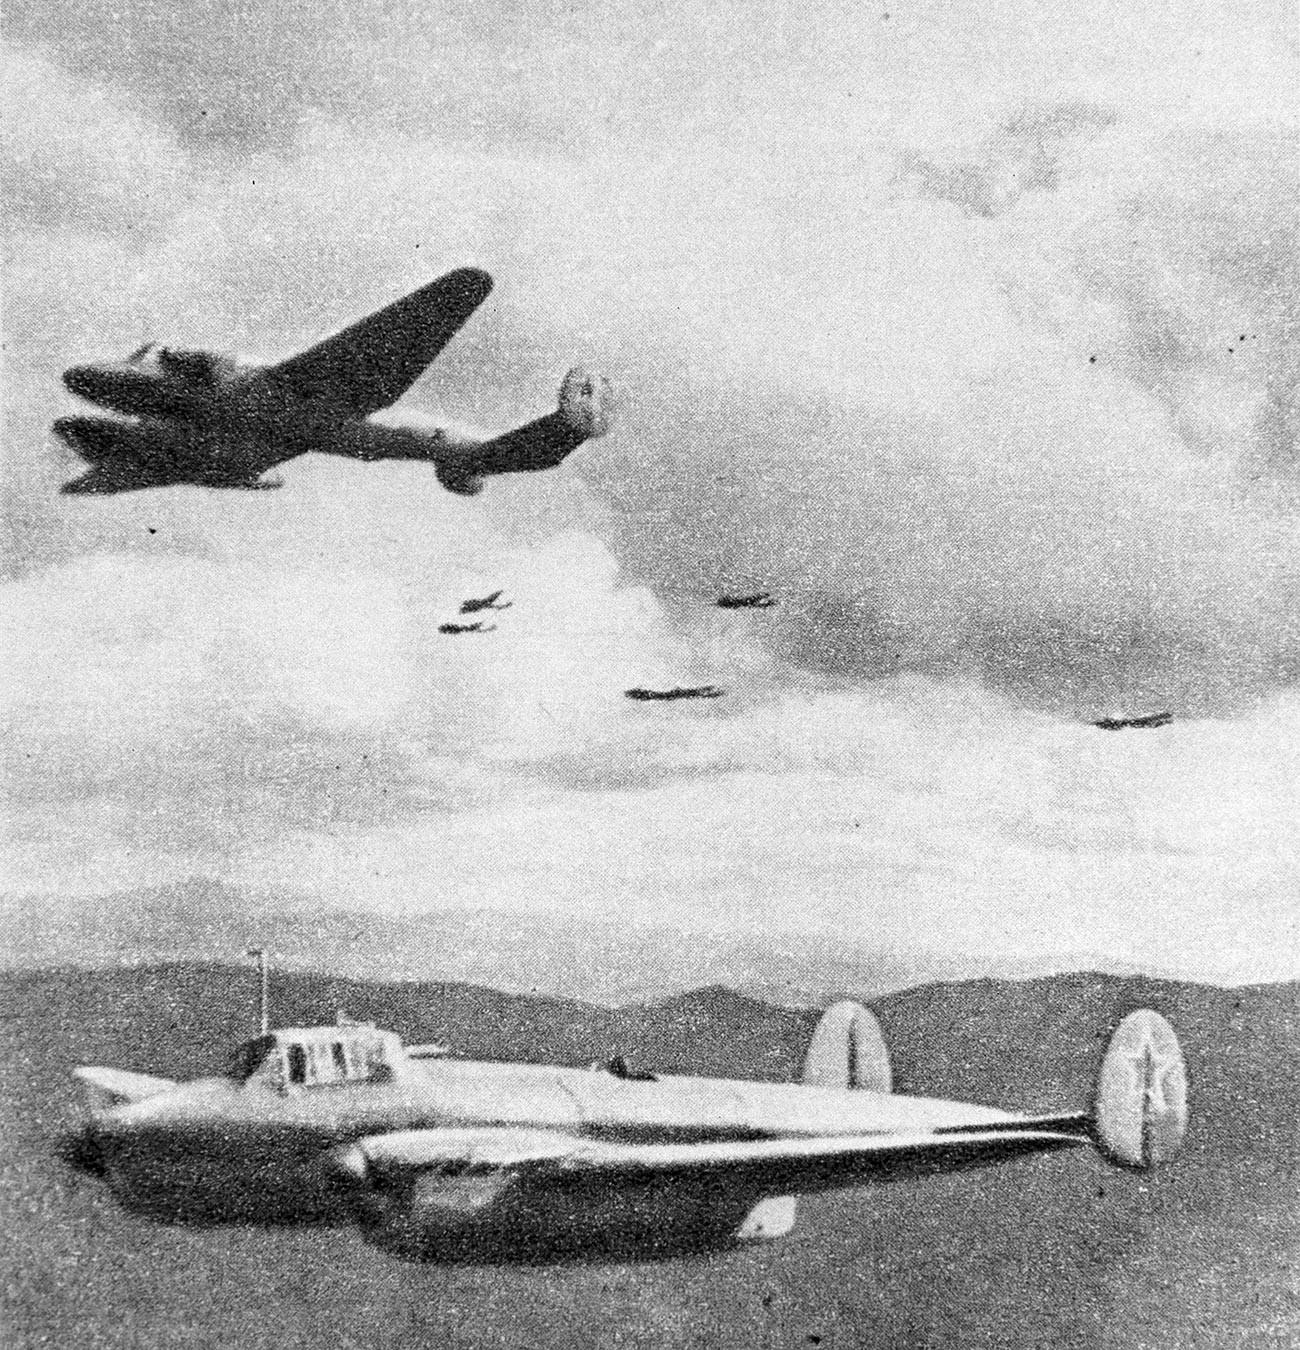 Avions soviétiques en Chine